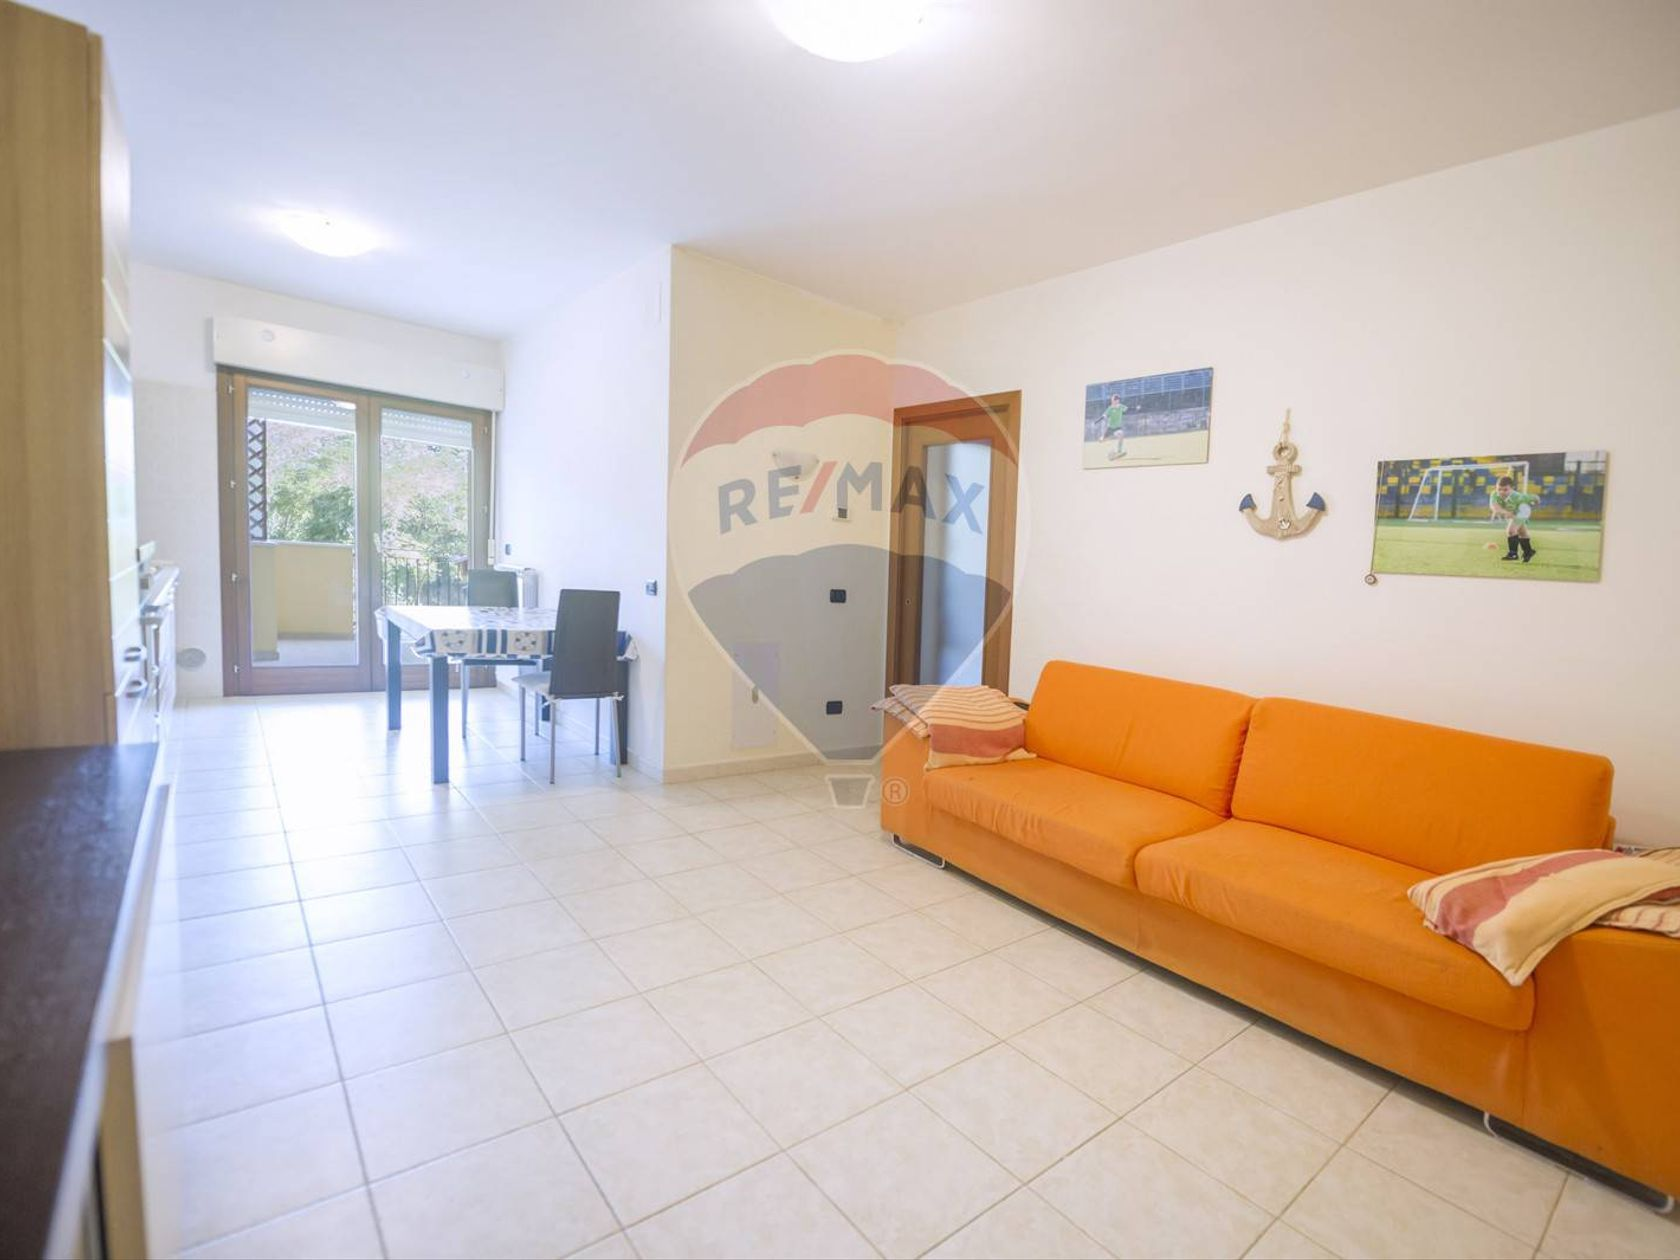 Appartamento Madonna delle Piane, Chieti, CH Vendita - Foto 8